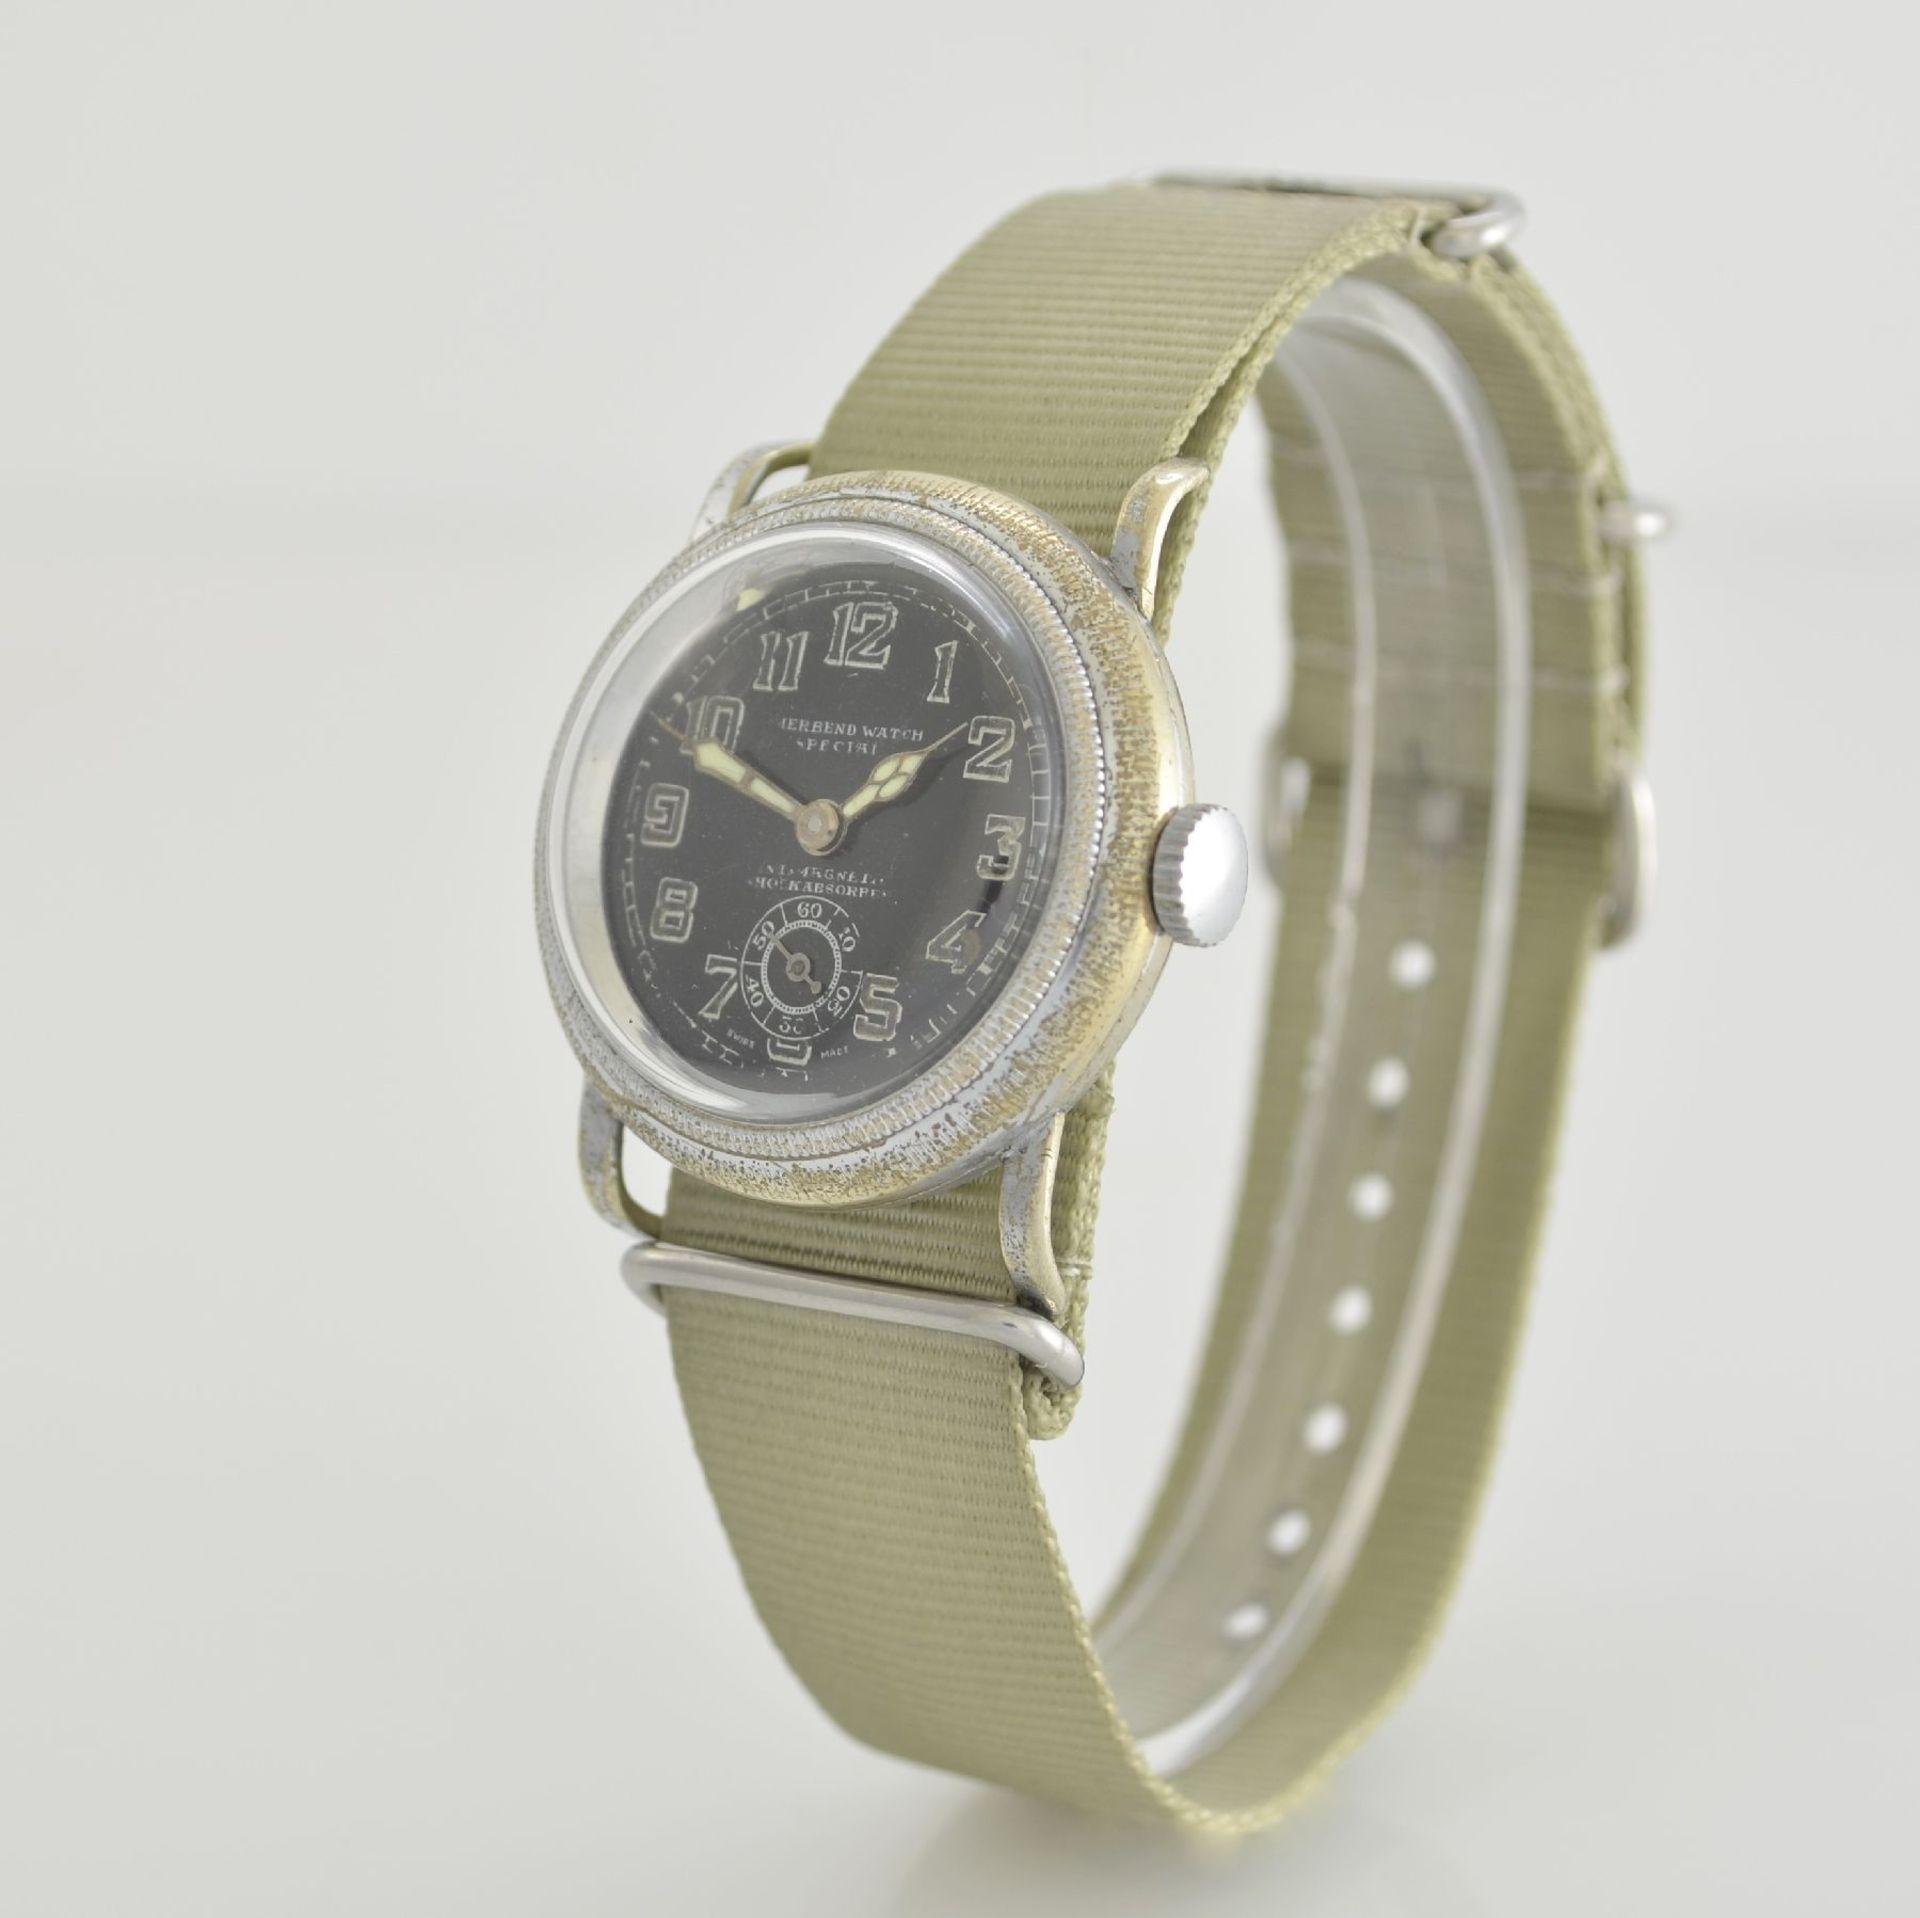 MERBEND WATCH Spezial Antimagnetic Schockabsorber Armbanduhr im Fliegerdesign, Schweiz um 1935, - Bild 3 aus 6